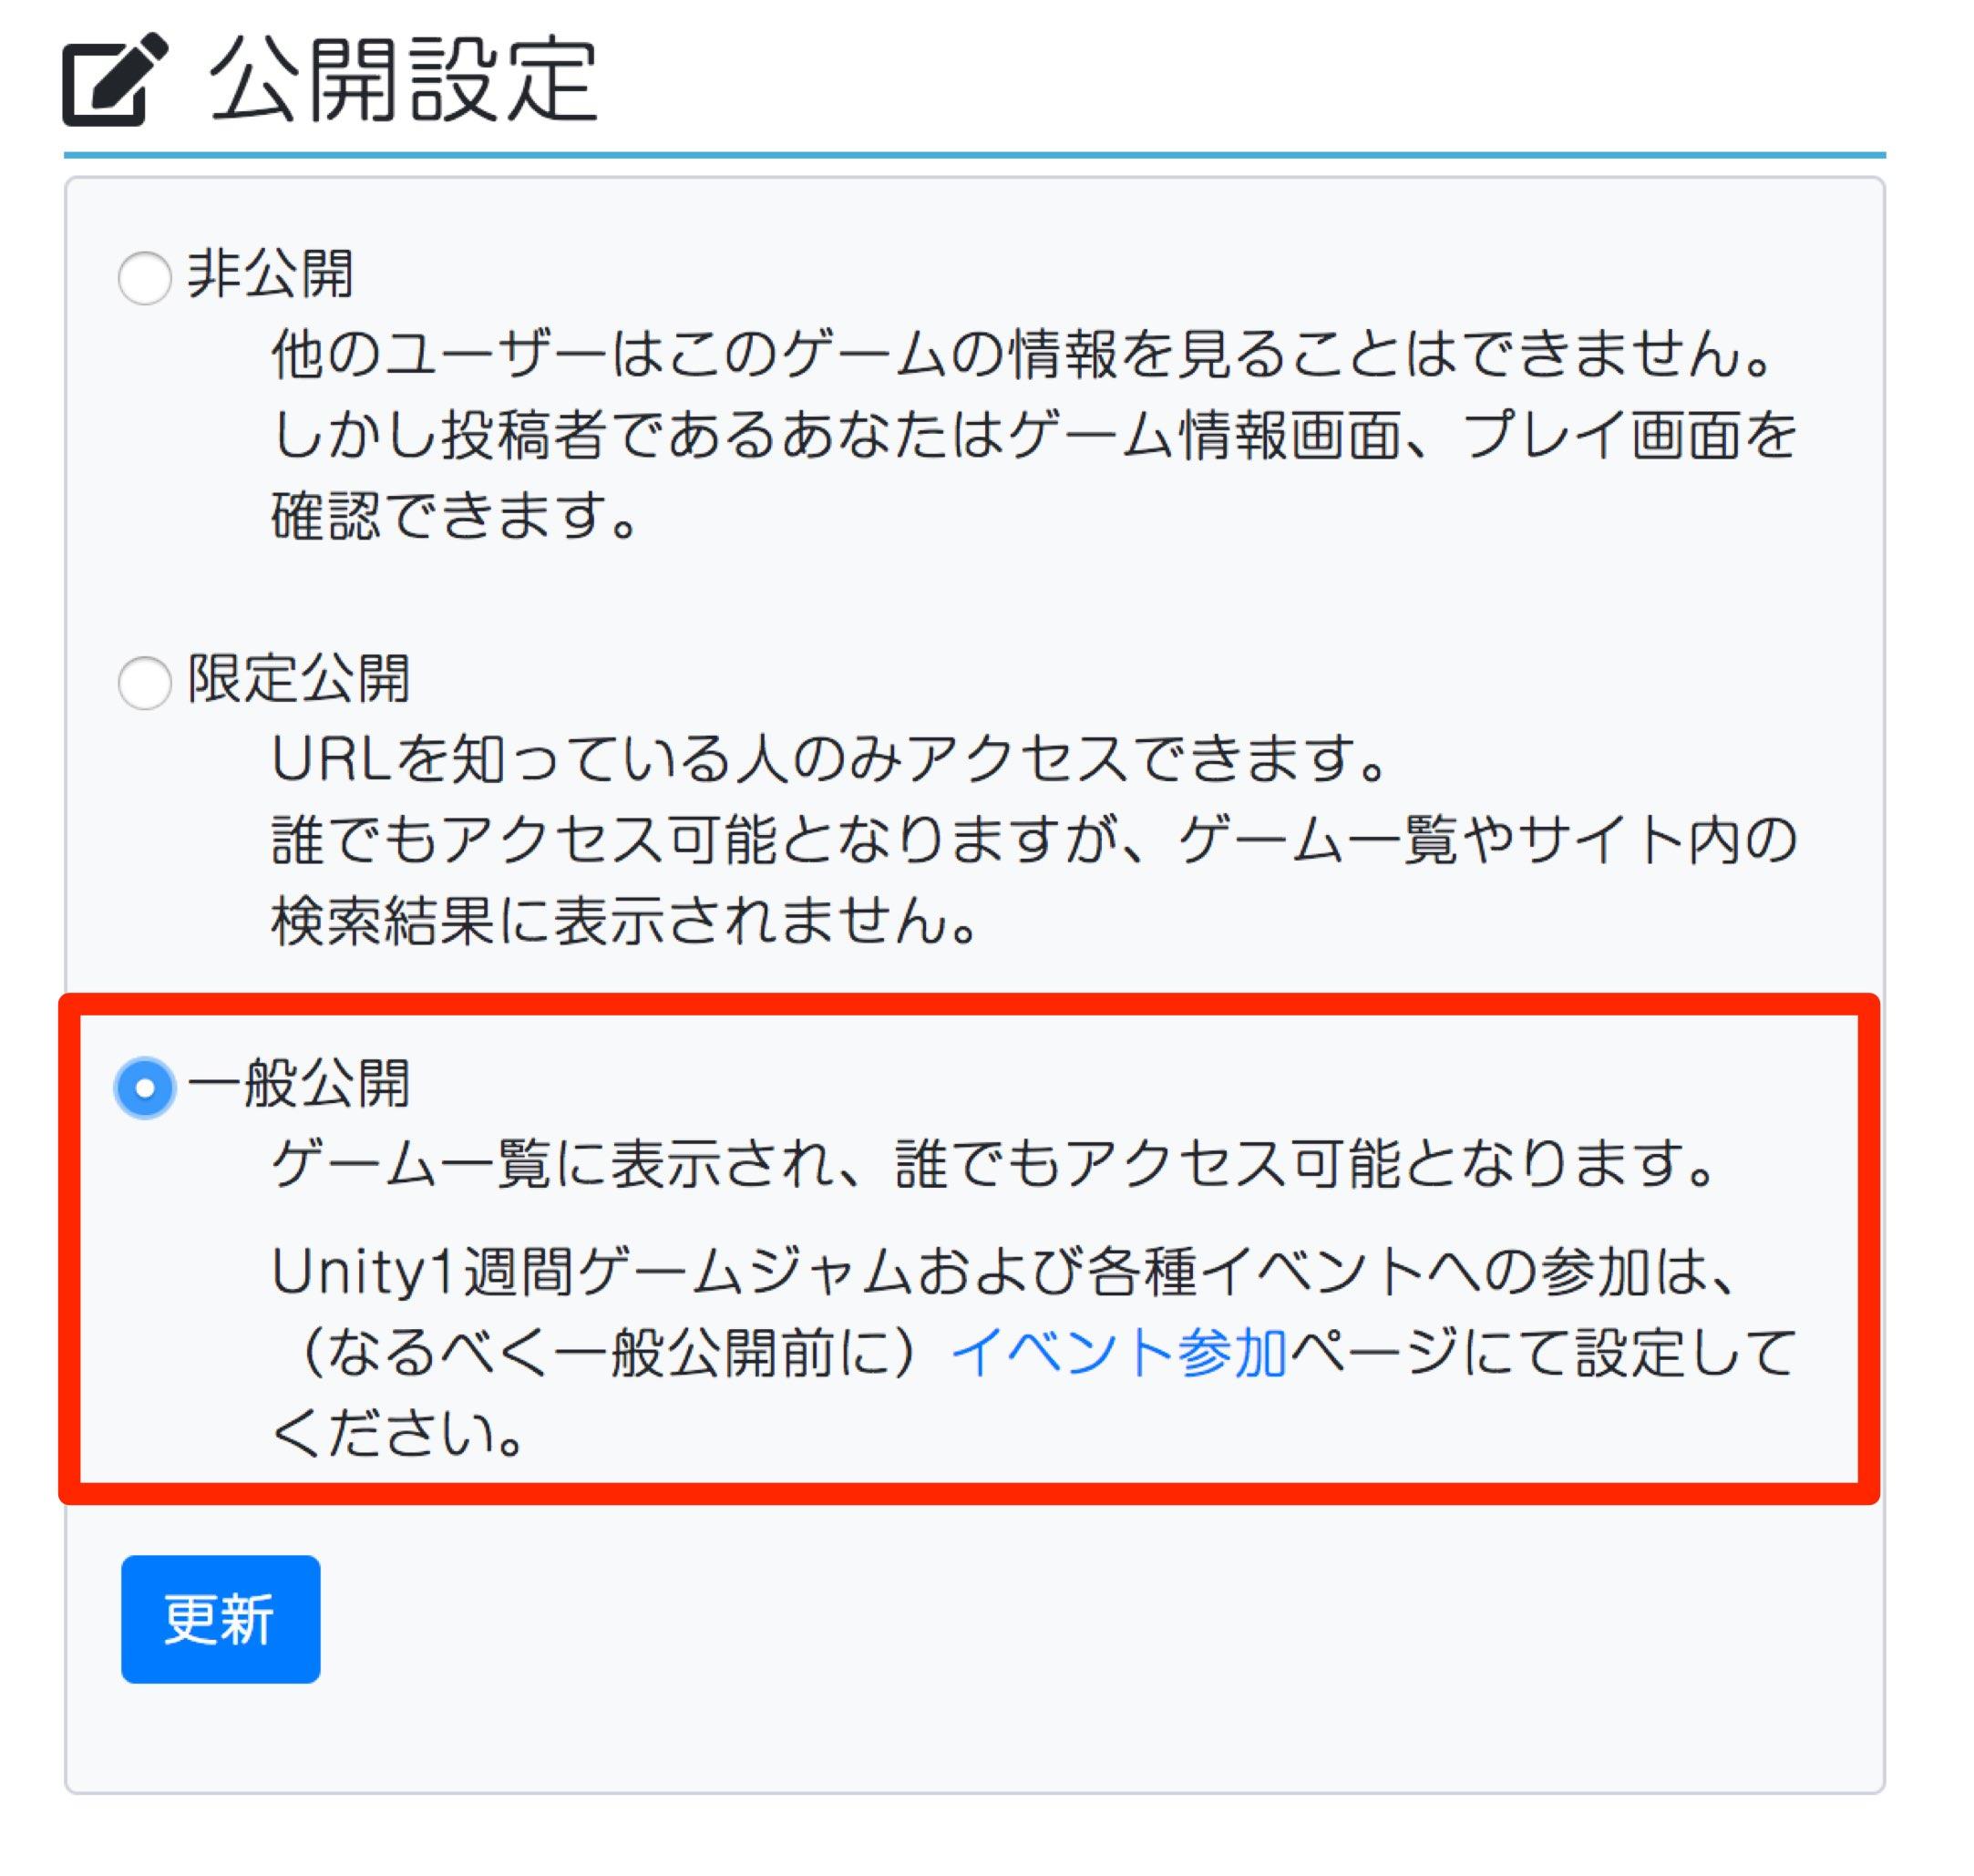 cubeの公開設定  無料ゲーム投稿サイト unityroom - Unityのゲームをアップロードして公開しよう.jpg